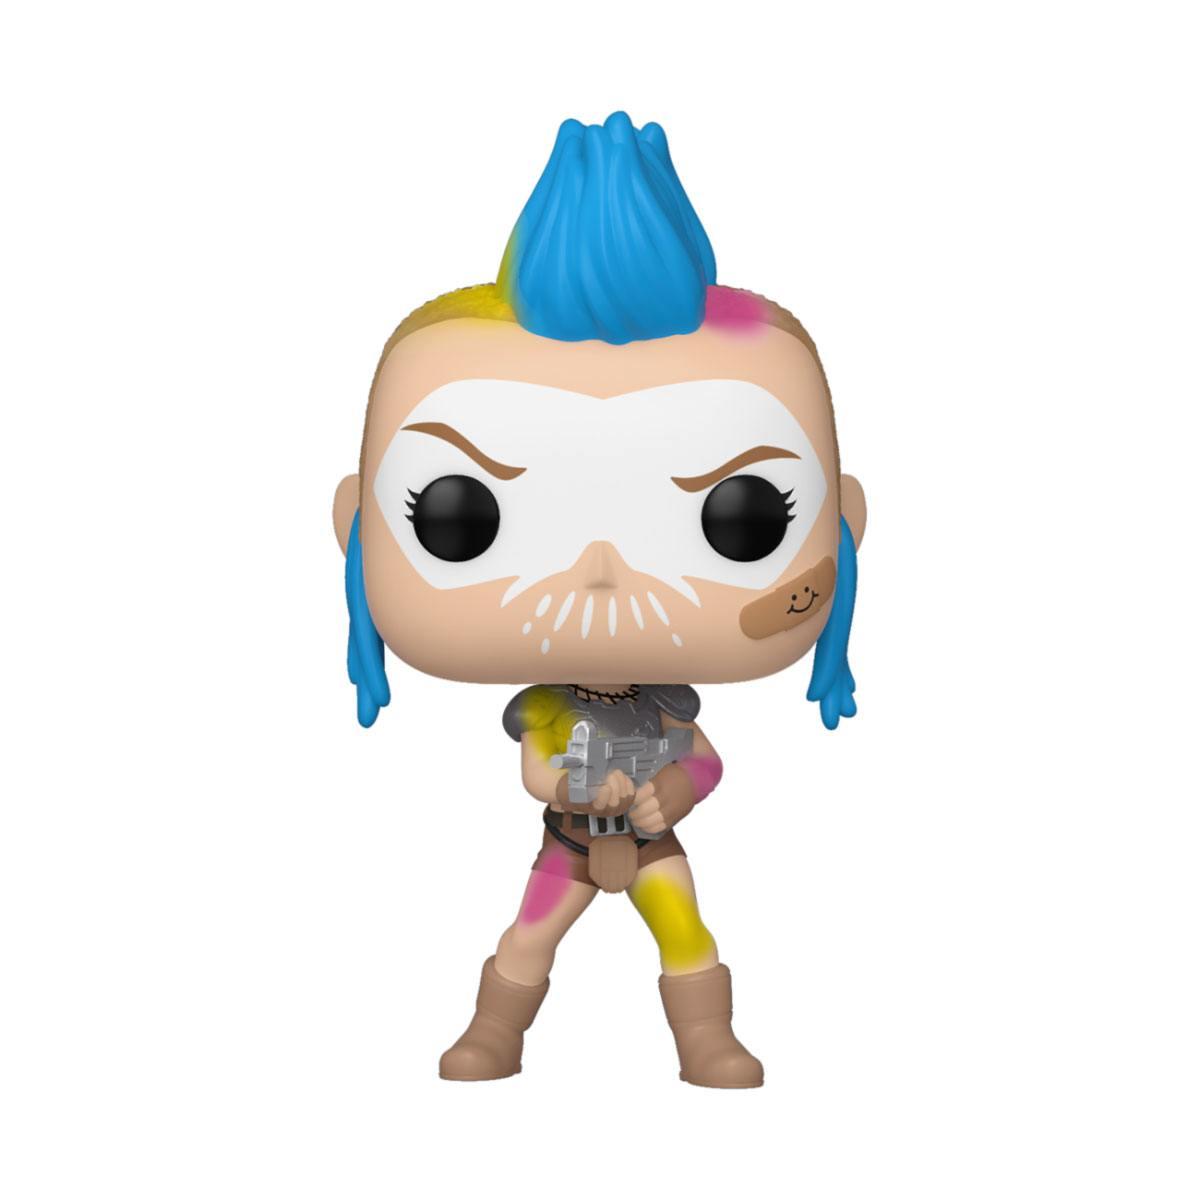 Rage 2 POP! Games Vinyl Figure Mohawk Girl 9 cm